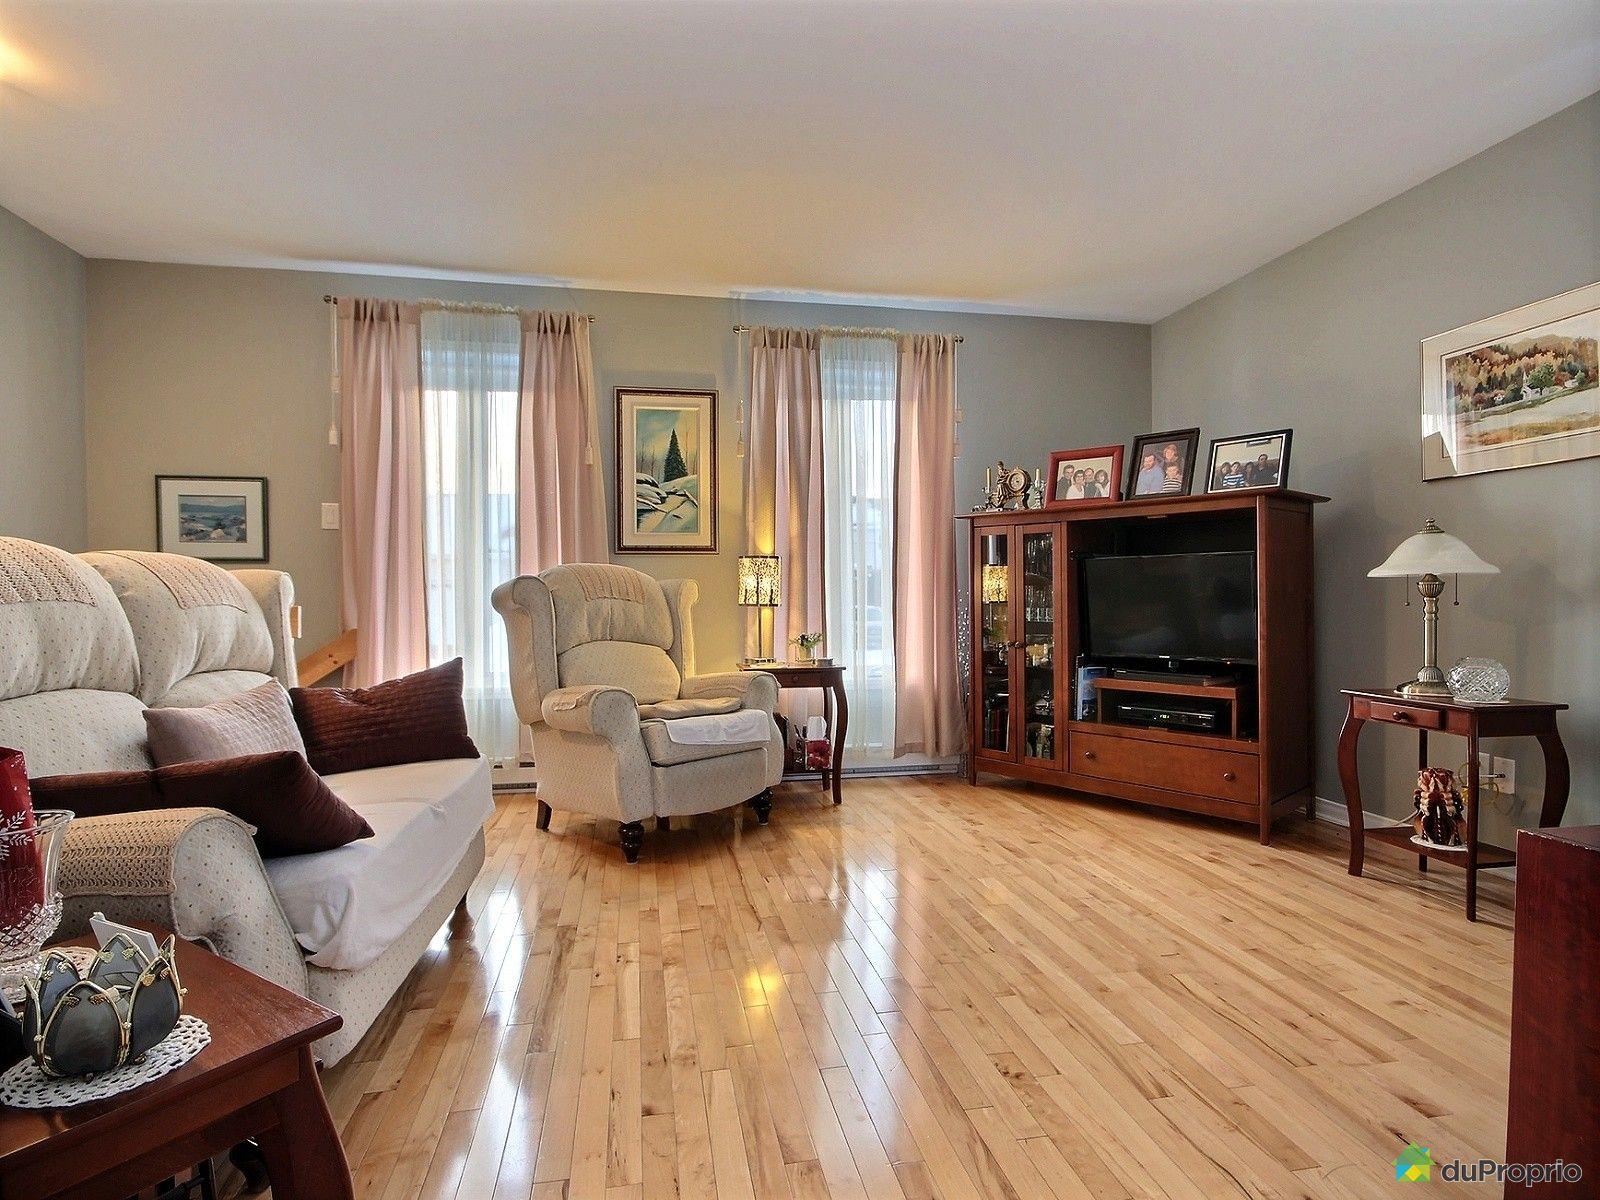 Maison vendre charlesbourg 1161 rue des chrysolithes for Salon du logement